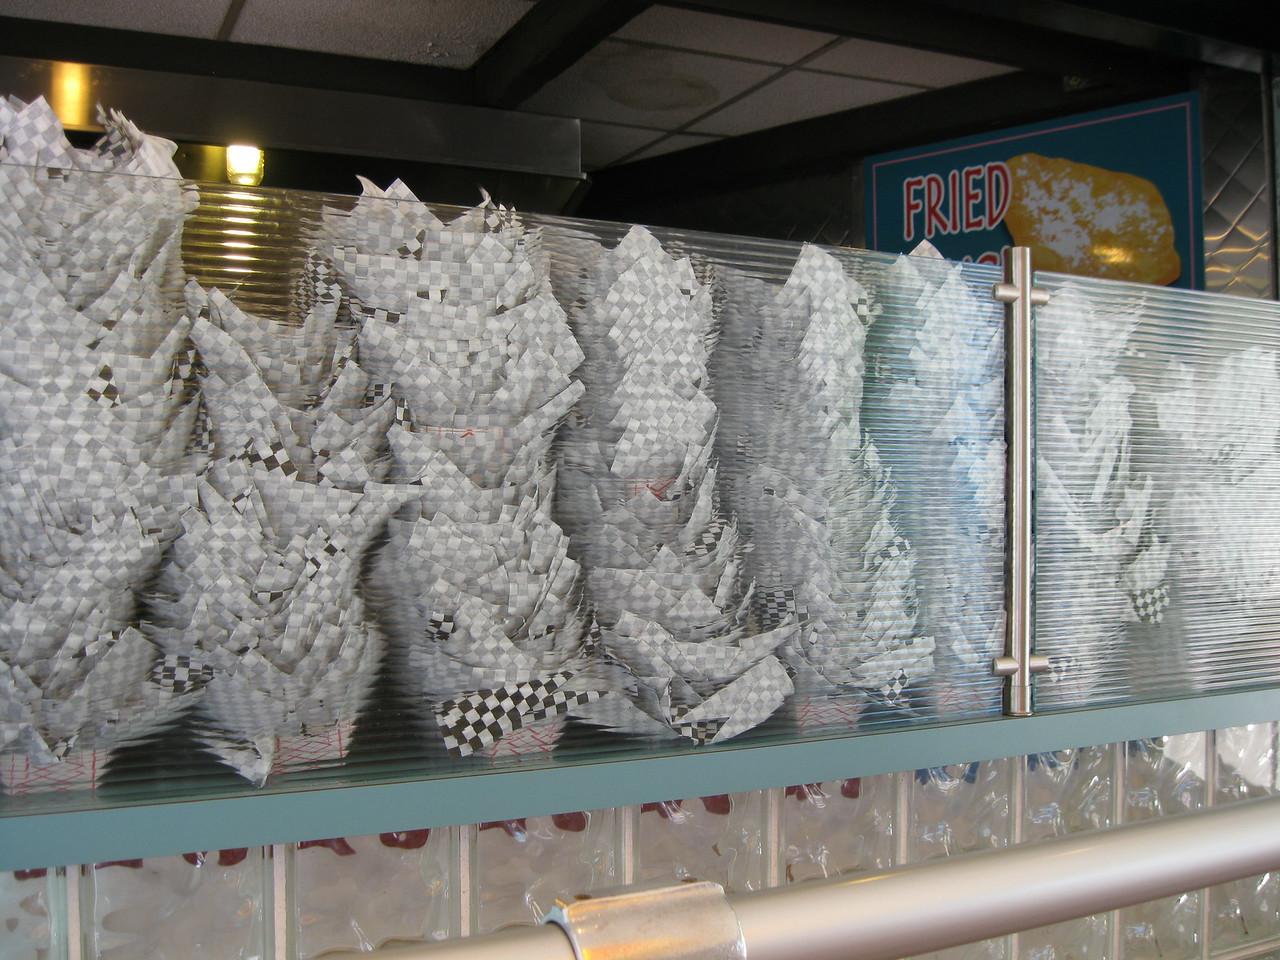 Be-bop Diner baskets.